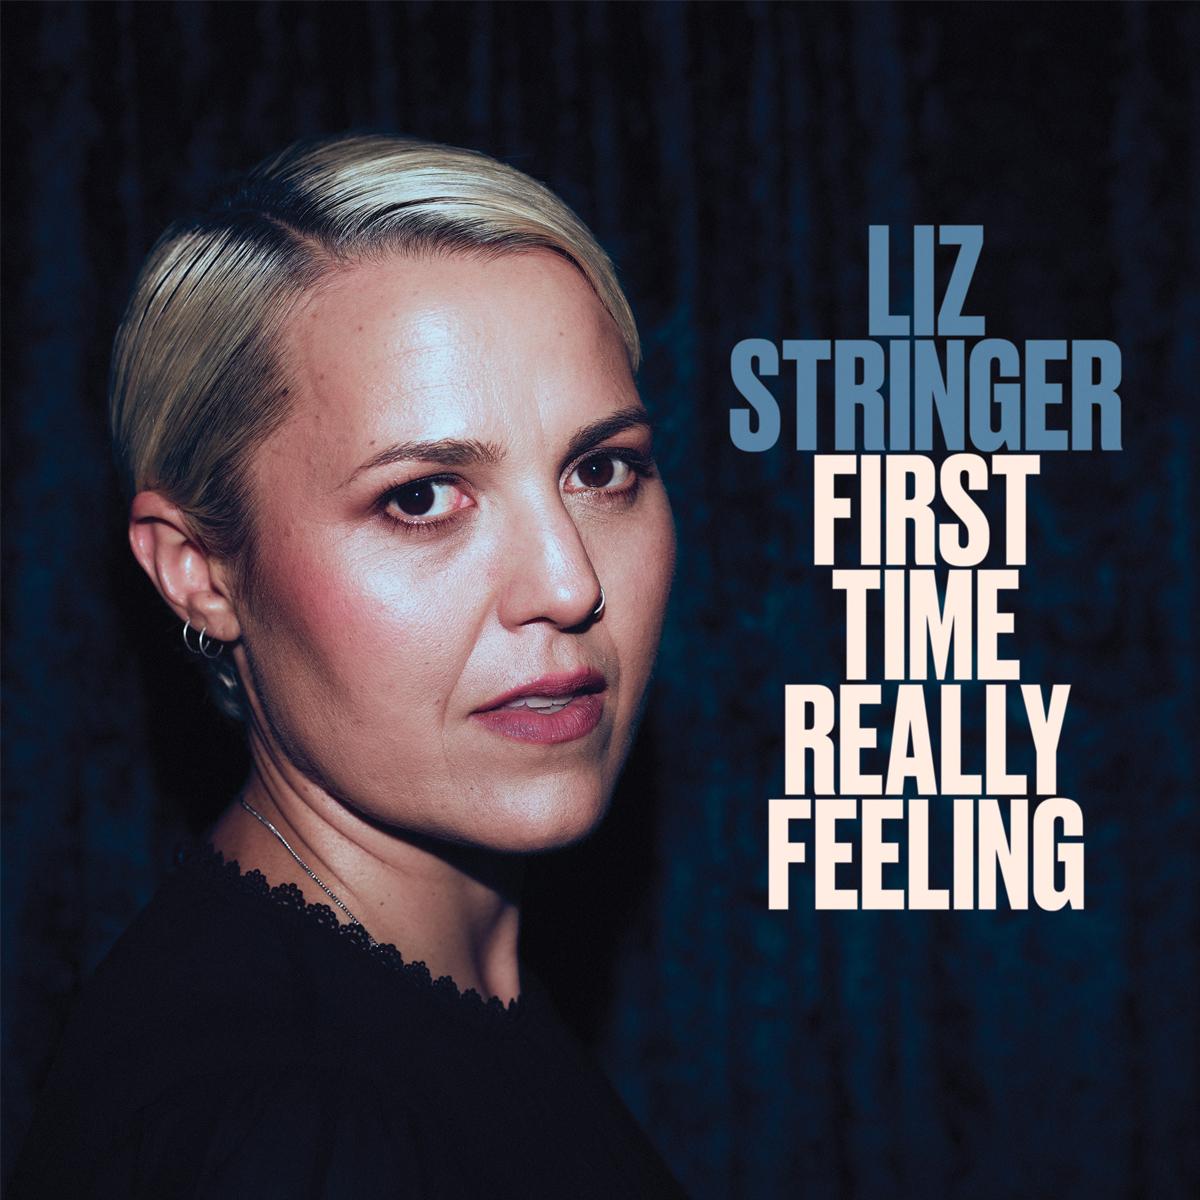 Liz Stringer album First Time Really Feeling review 2021